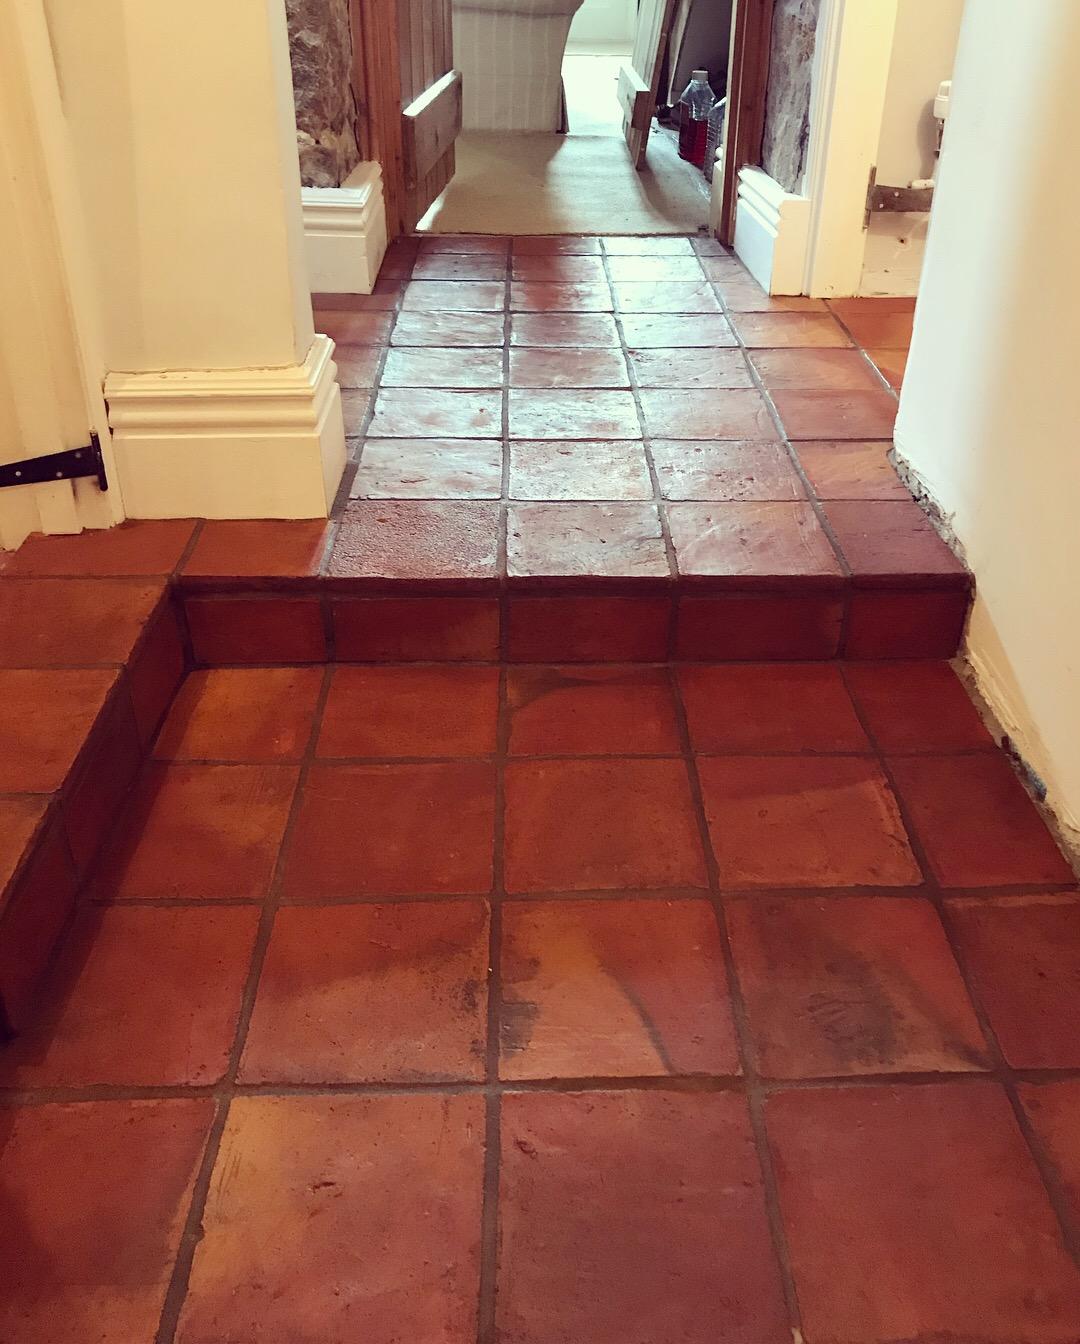 Terracotta floor tiles in Derbyshire